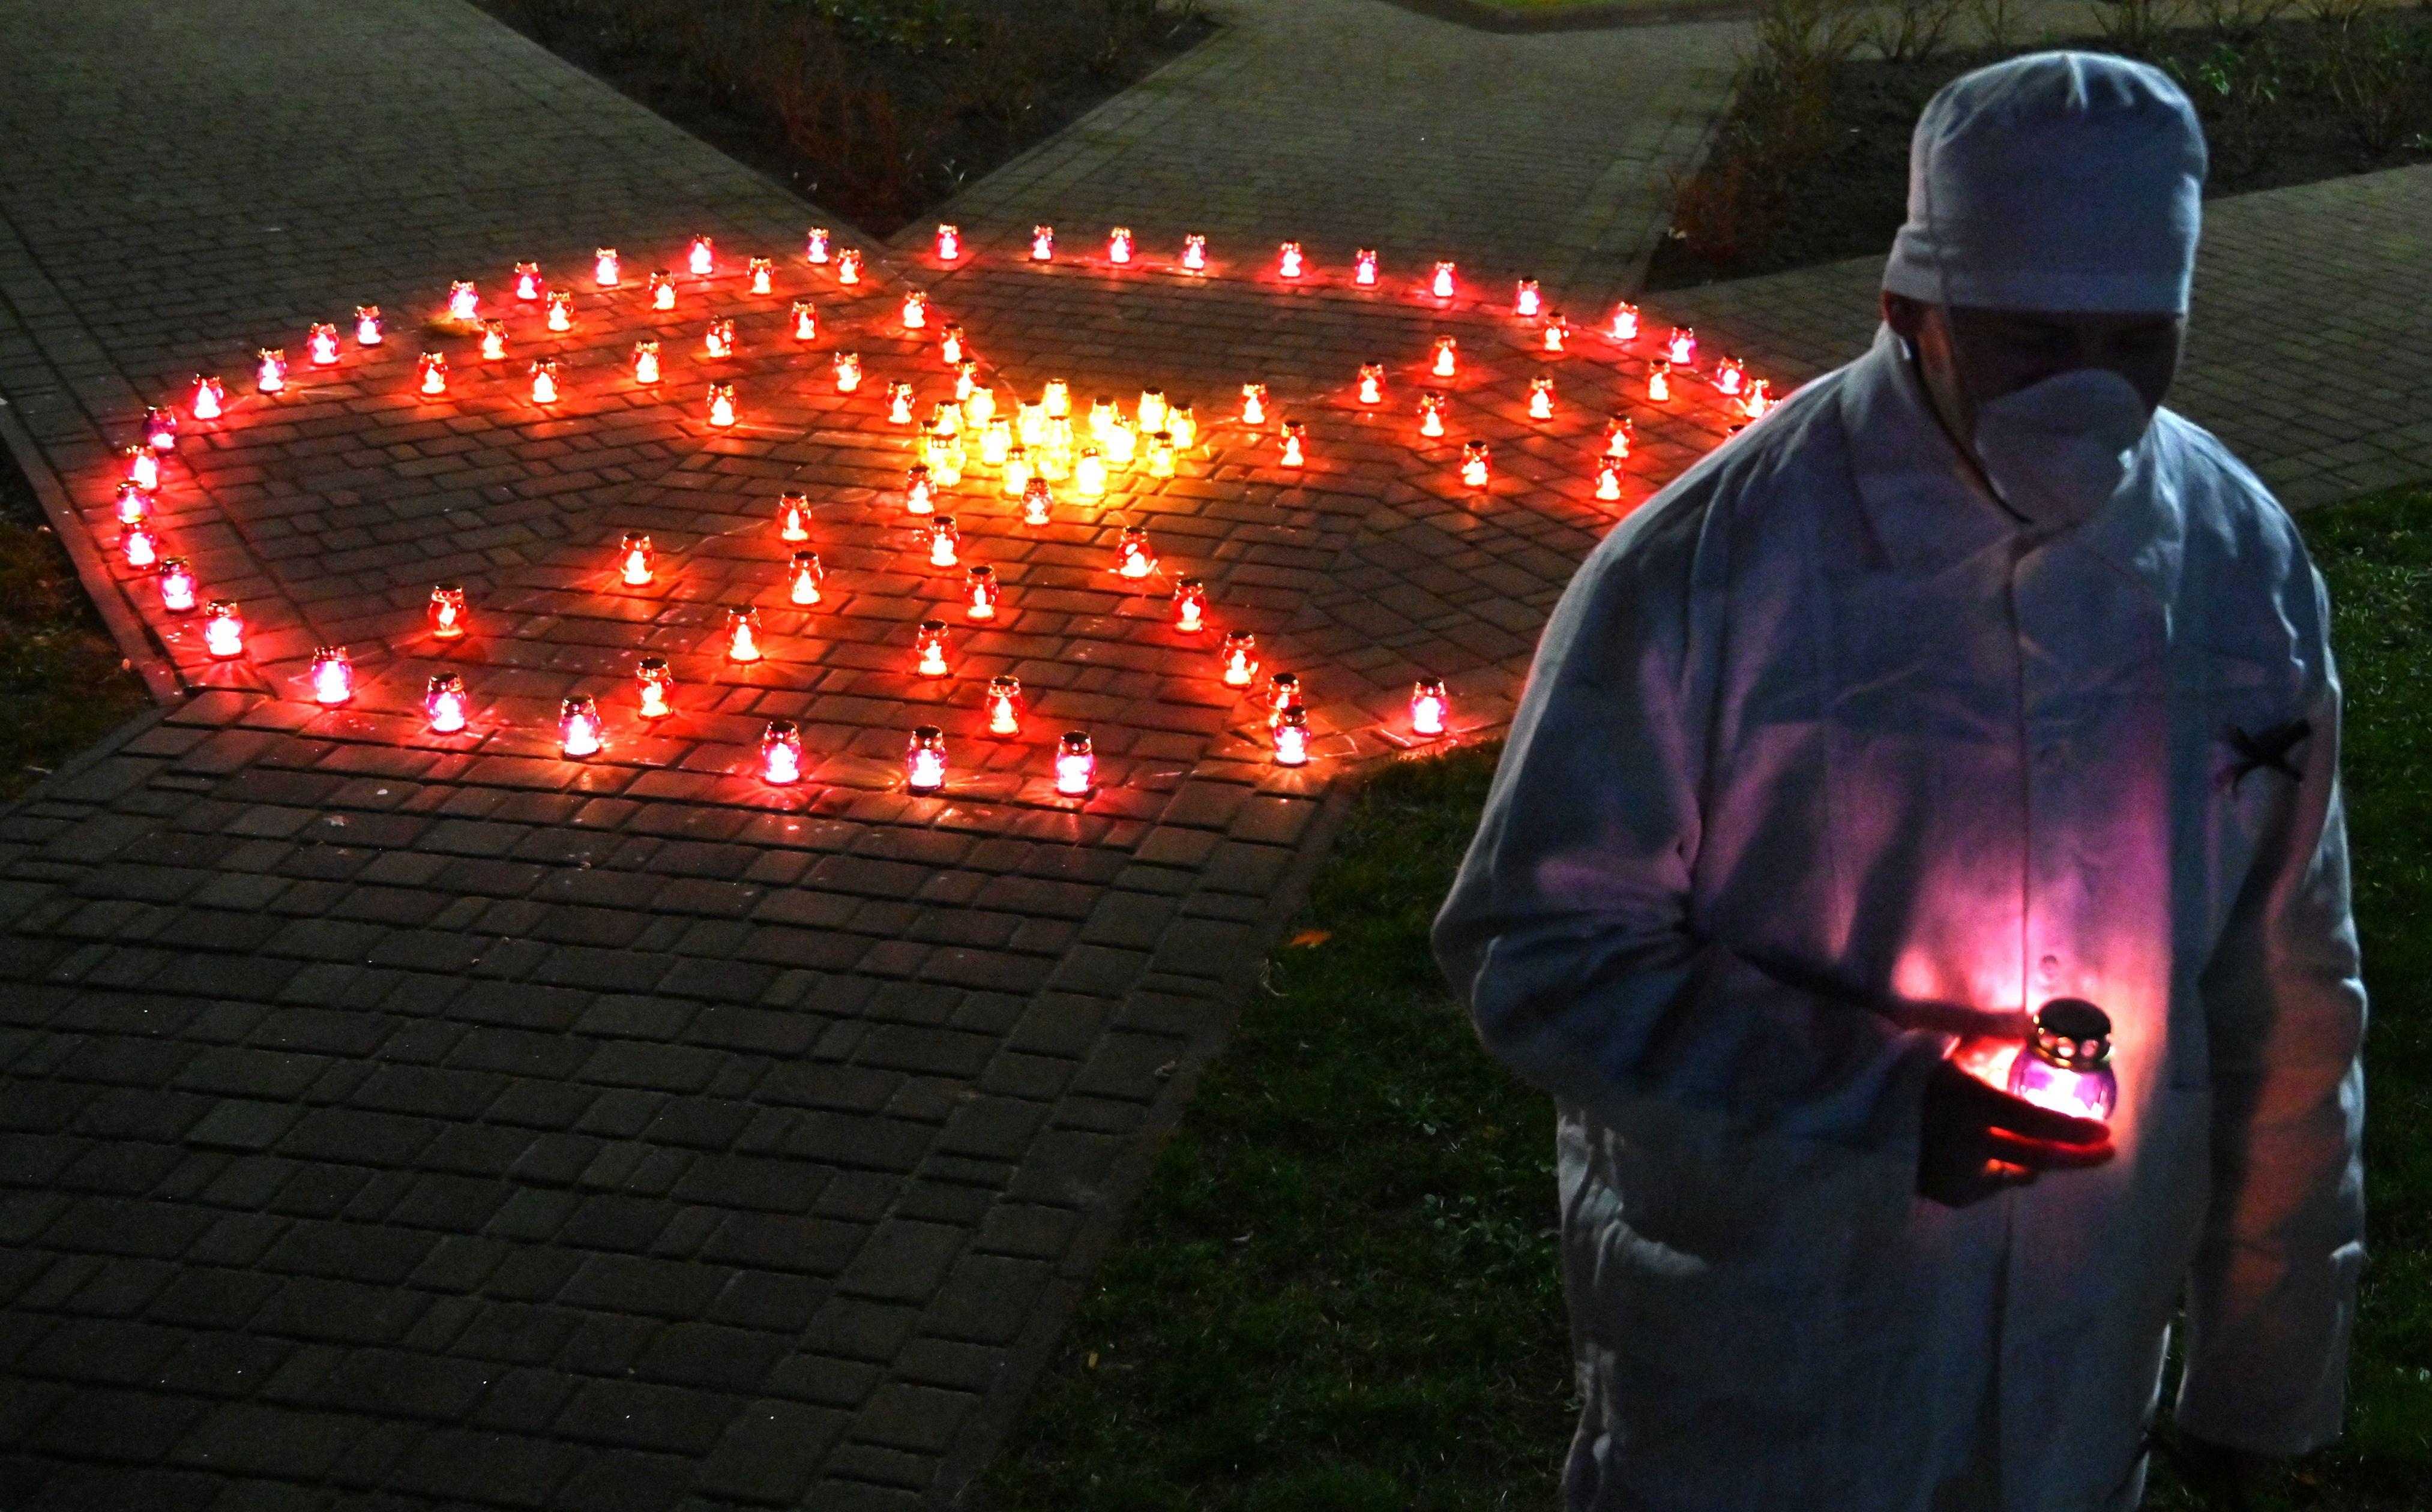 Susunan lilin untuk memperingati 35 tahun Chernobyl